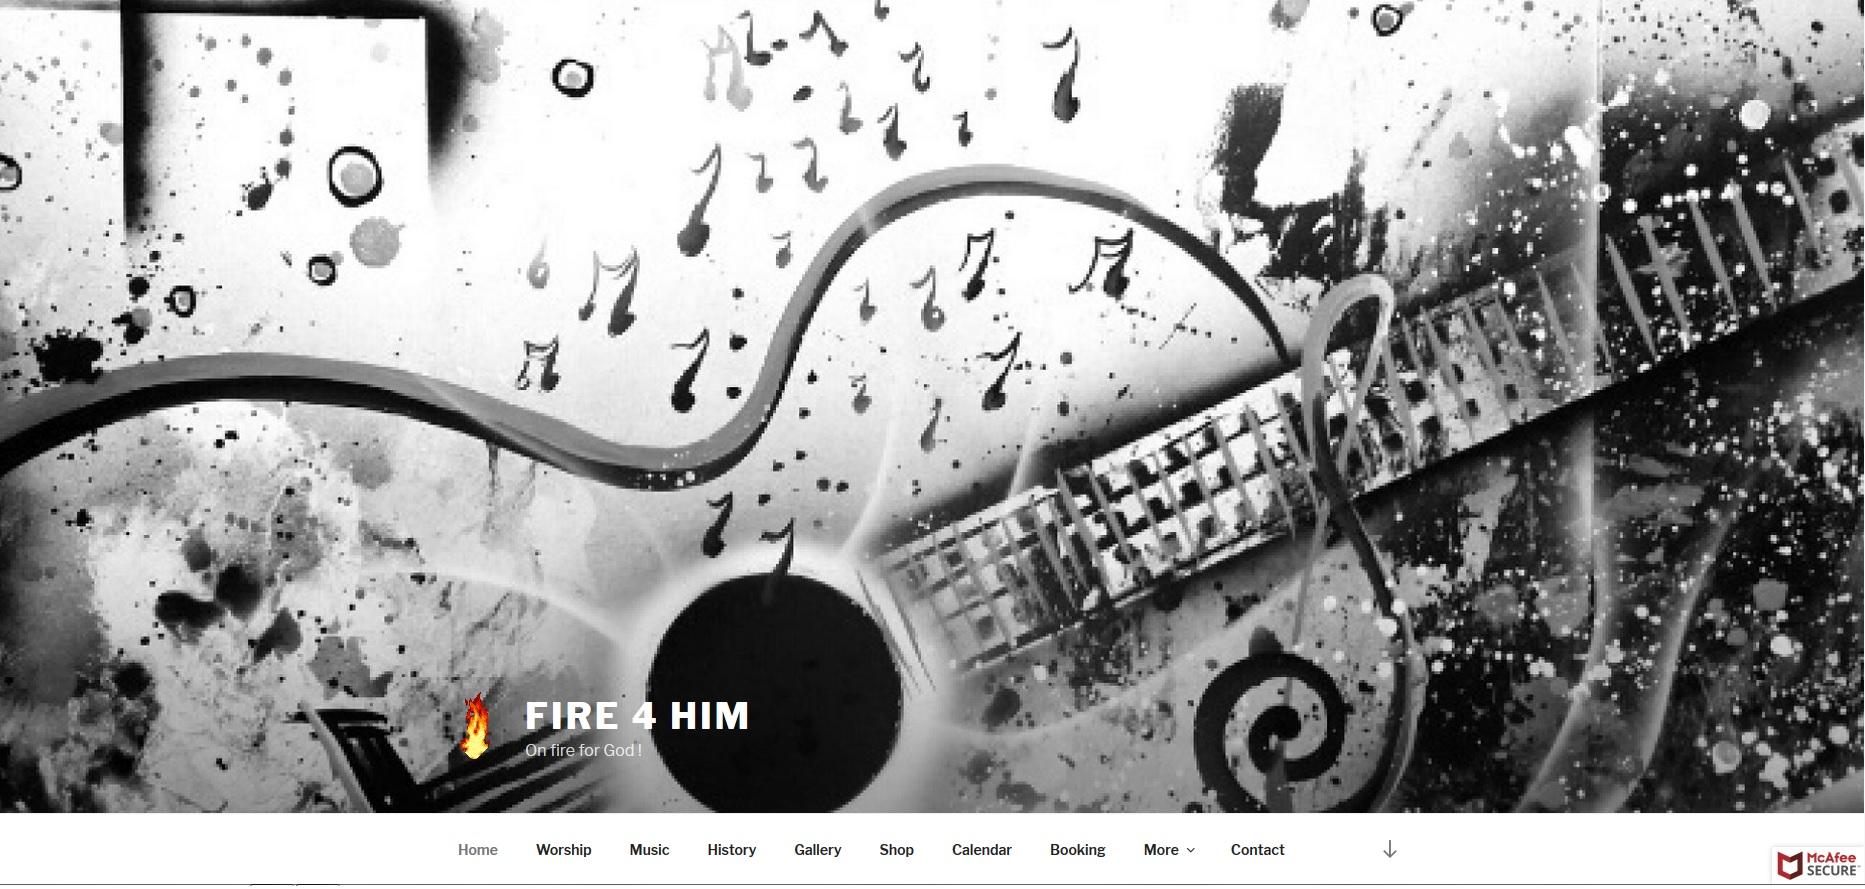 Fire 4 Him website